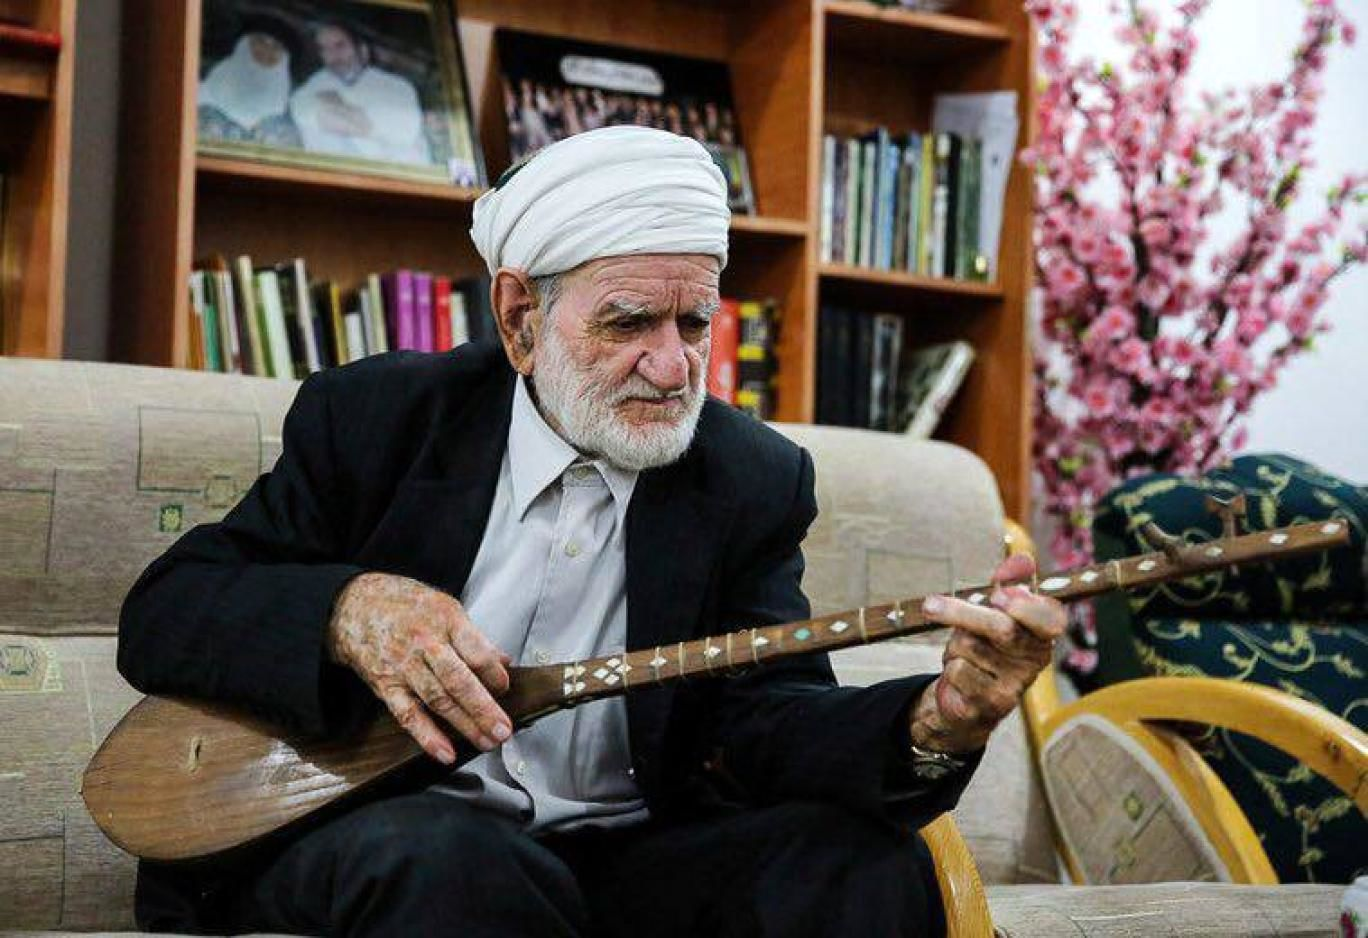 عثمان محمدپرست در بیمارستان بستری شد/ انتقال به مشهد